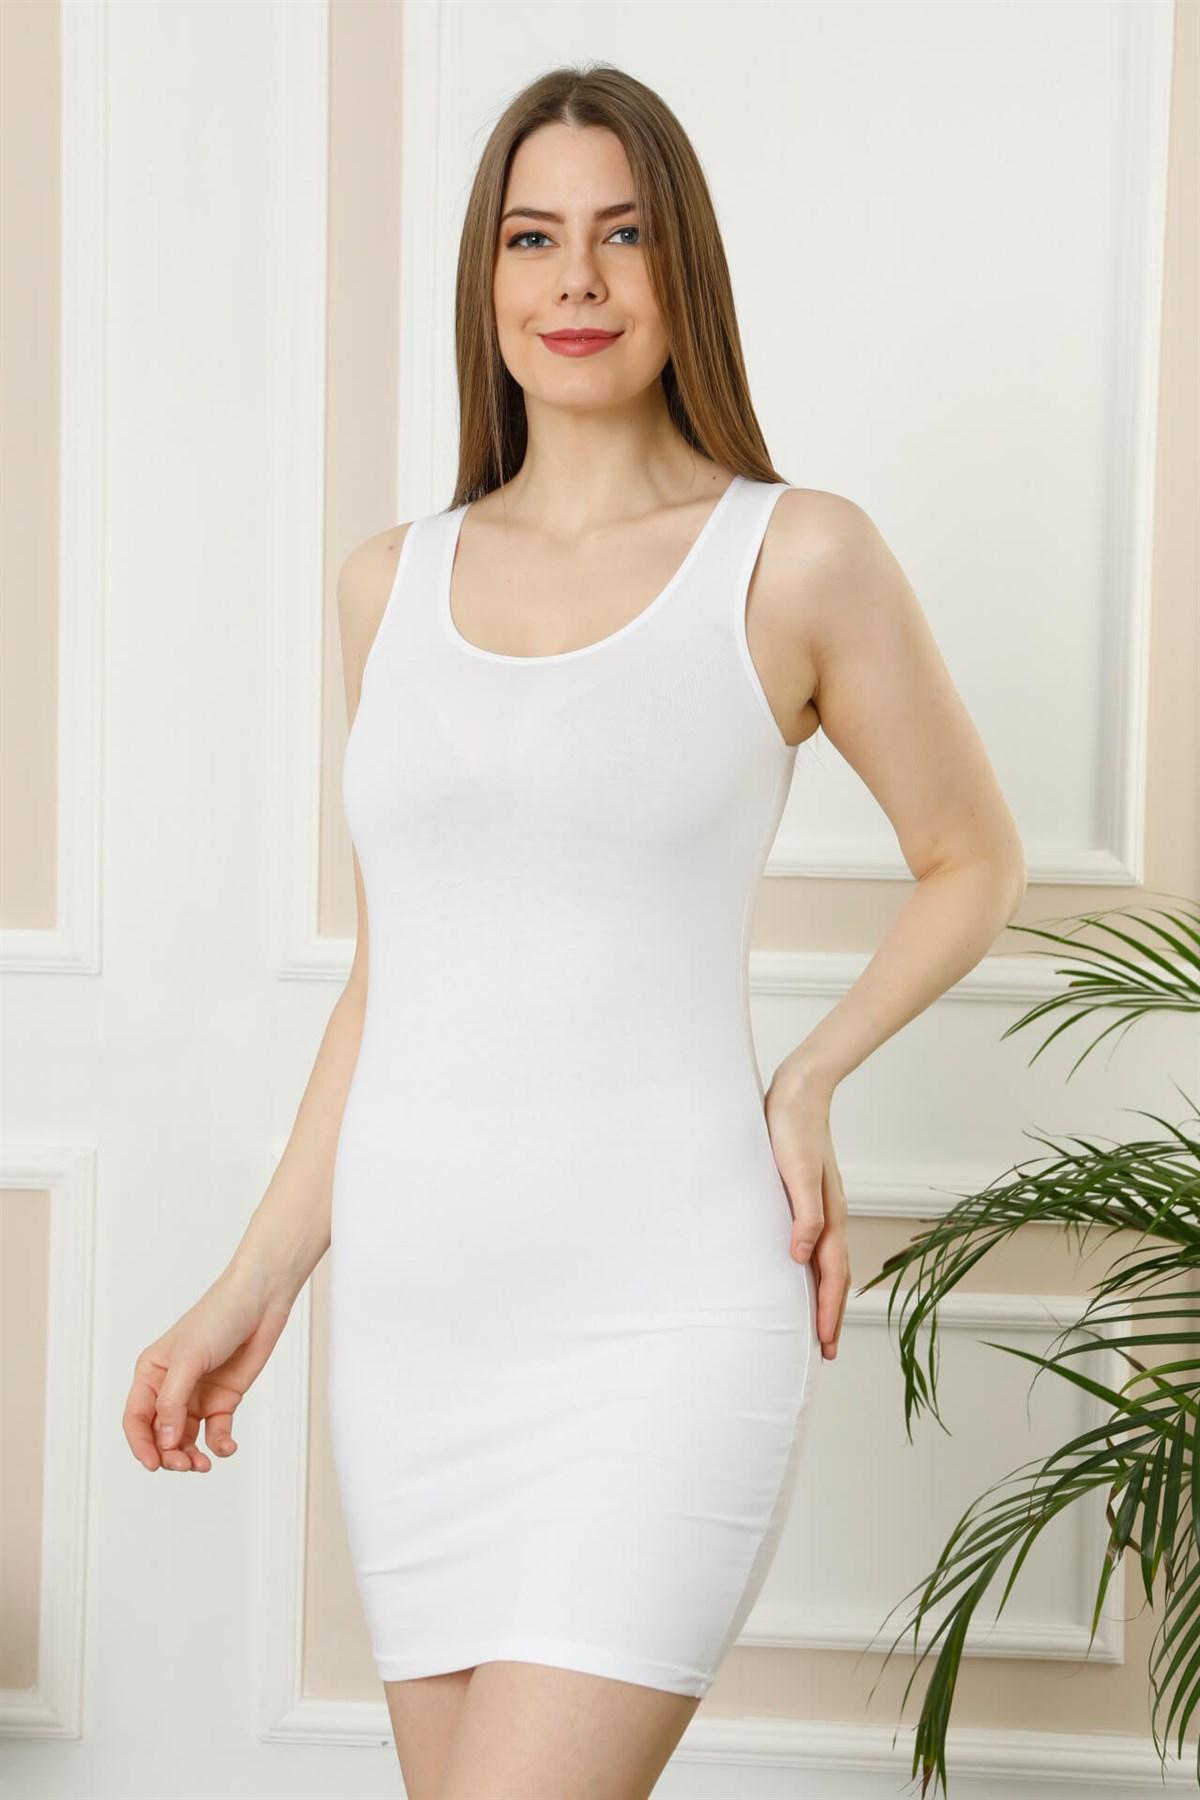 Moda Çizgi Bayan Kalın Askılı Tunik Body 111B